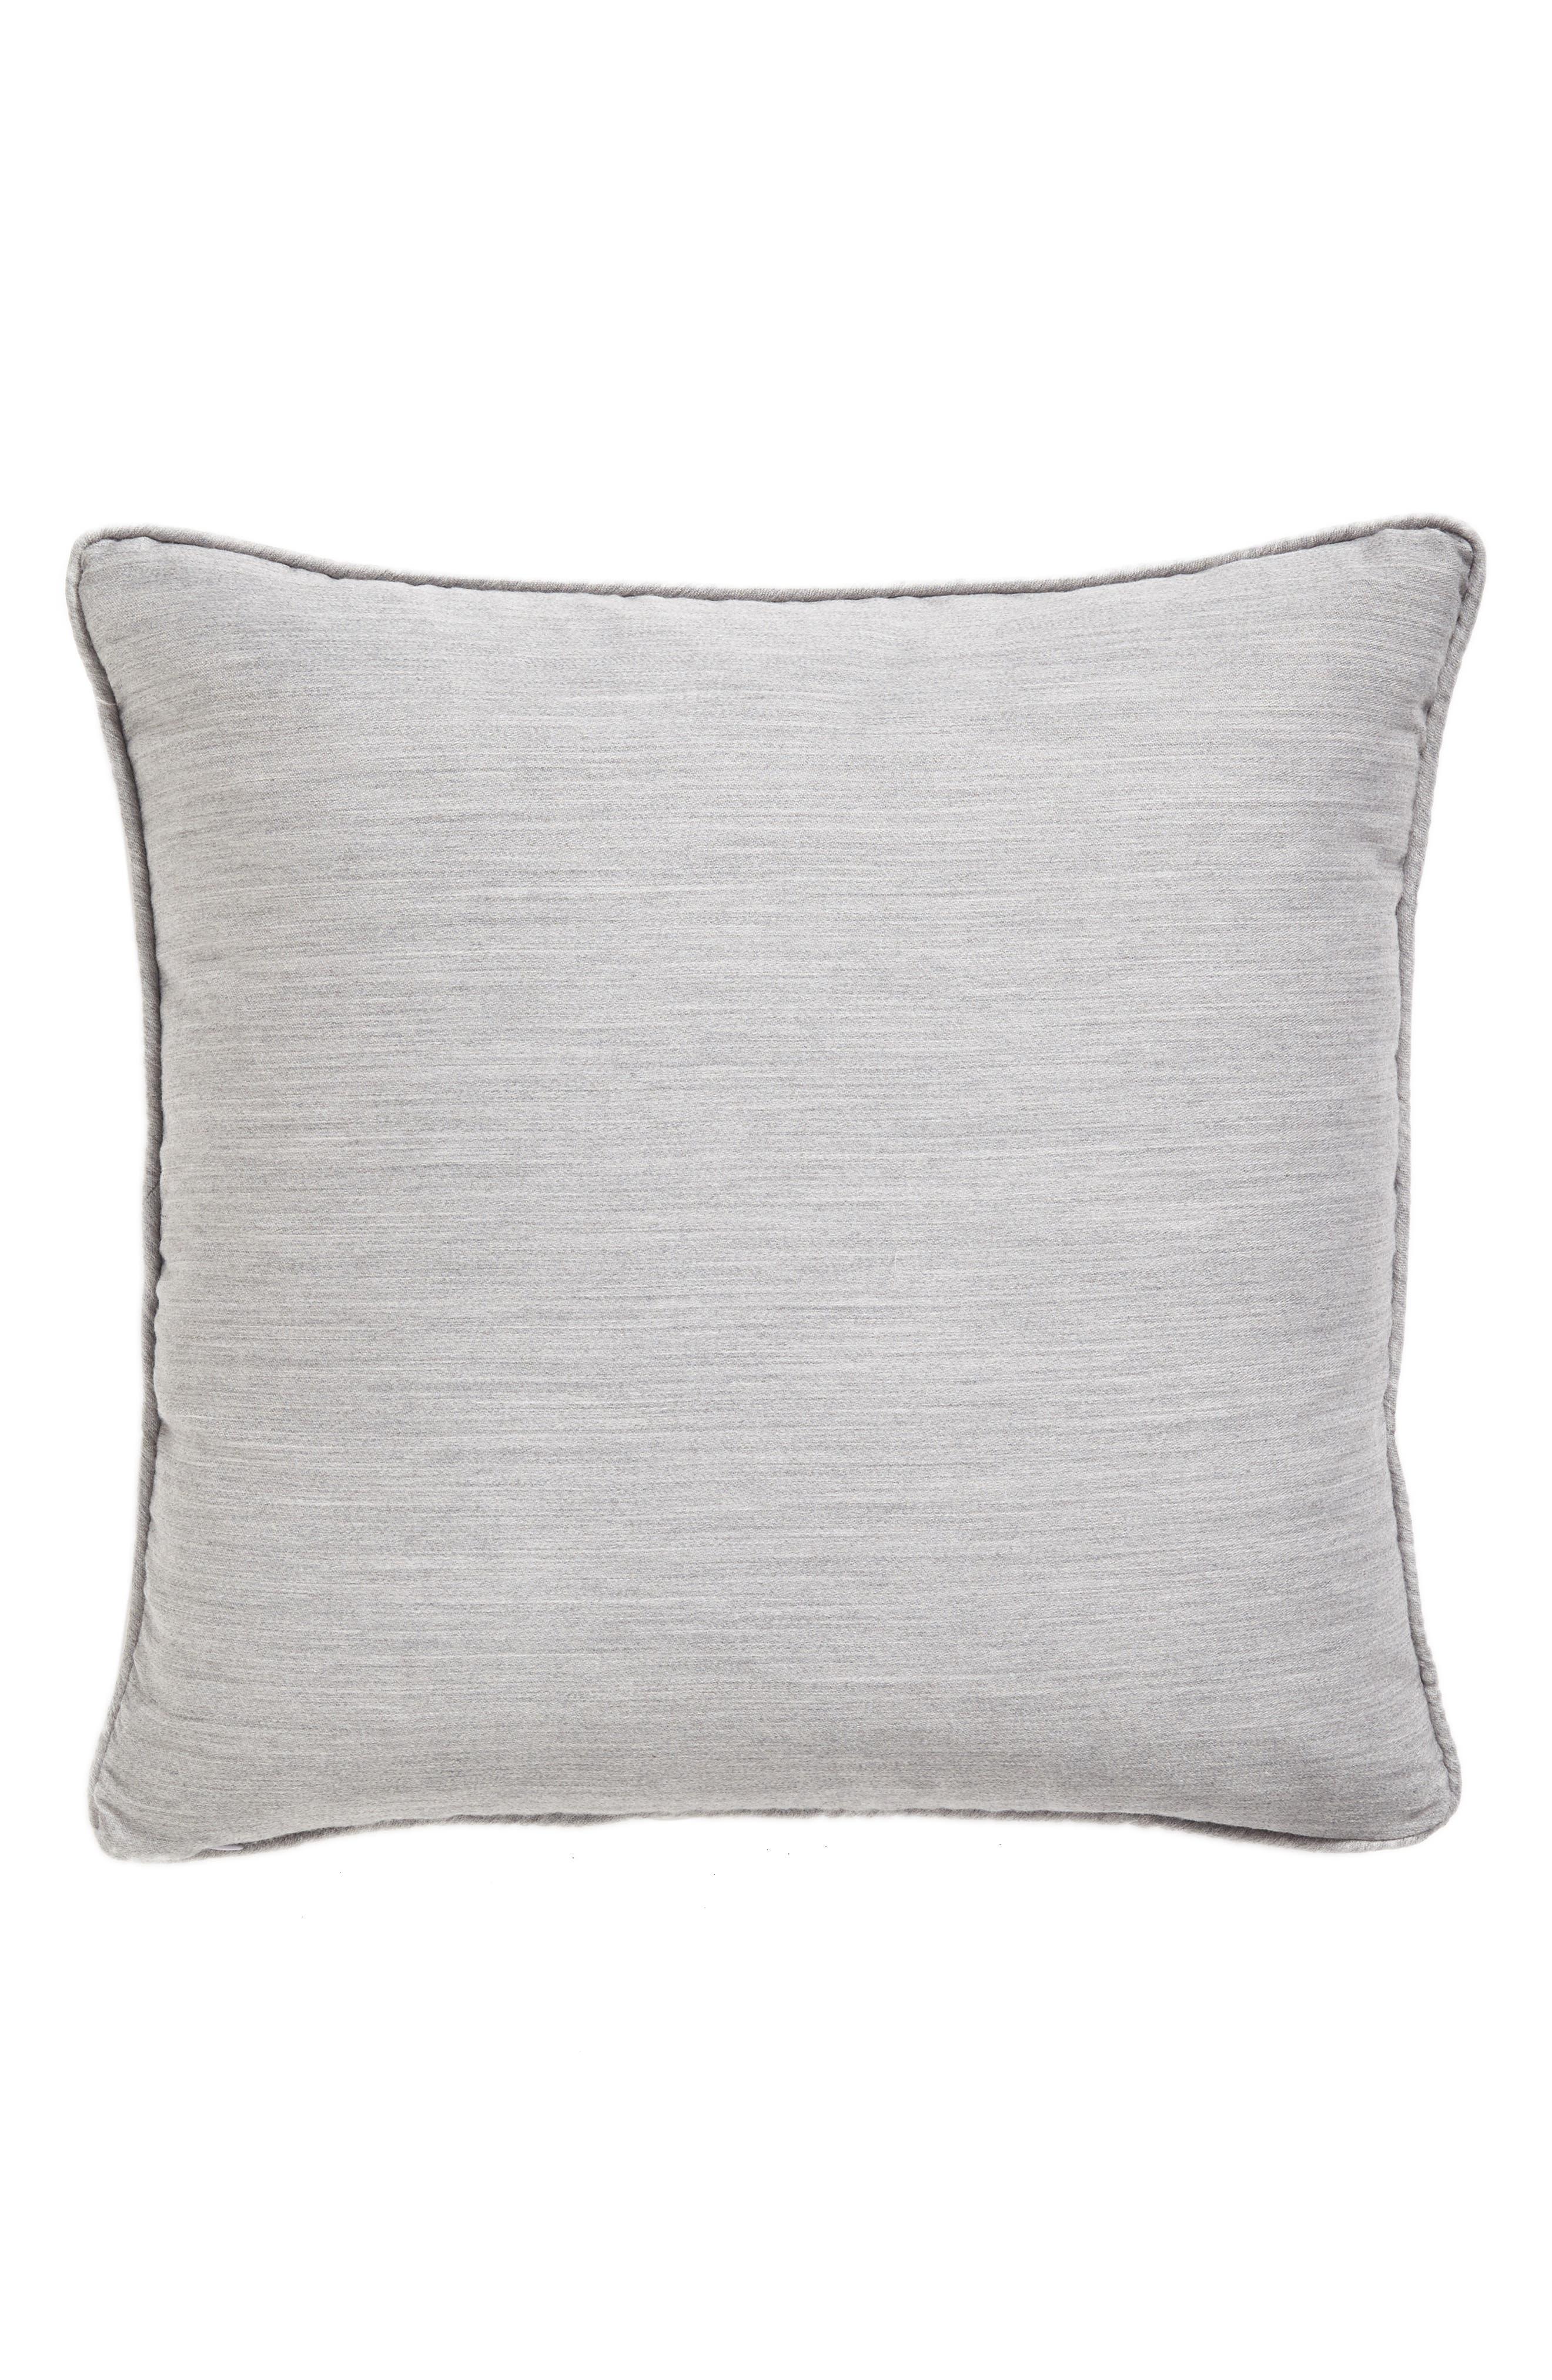 Brione Accent Pillow,                             Main thumbnail 1, color,                             ALUMINUM